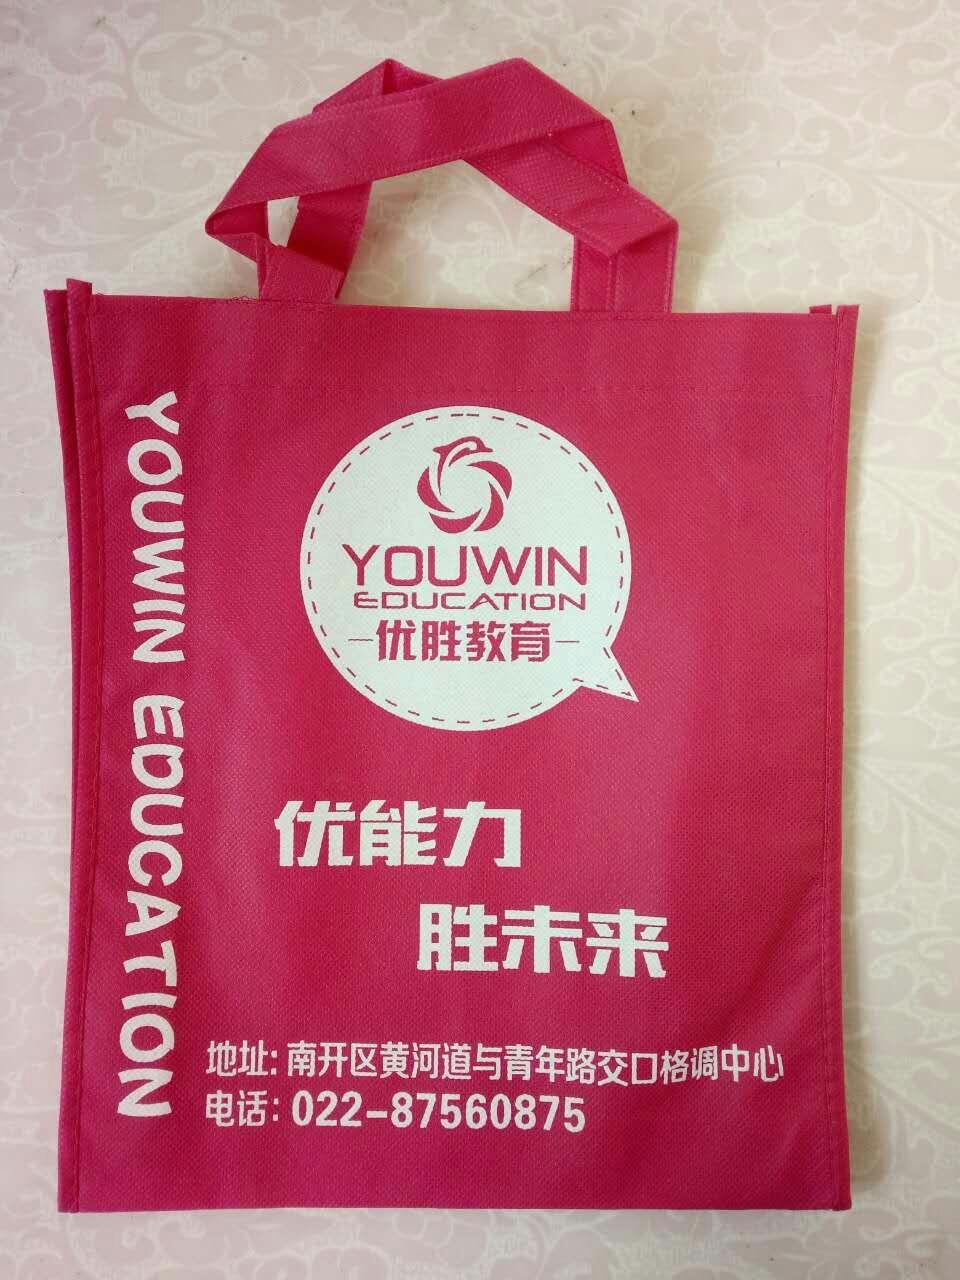 無紡布購物袋廠家_保定哪里能買到性價比高的無紡布袋